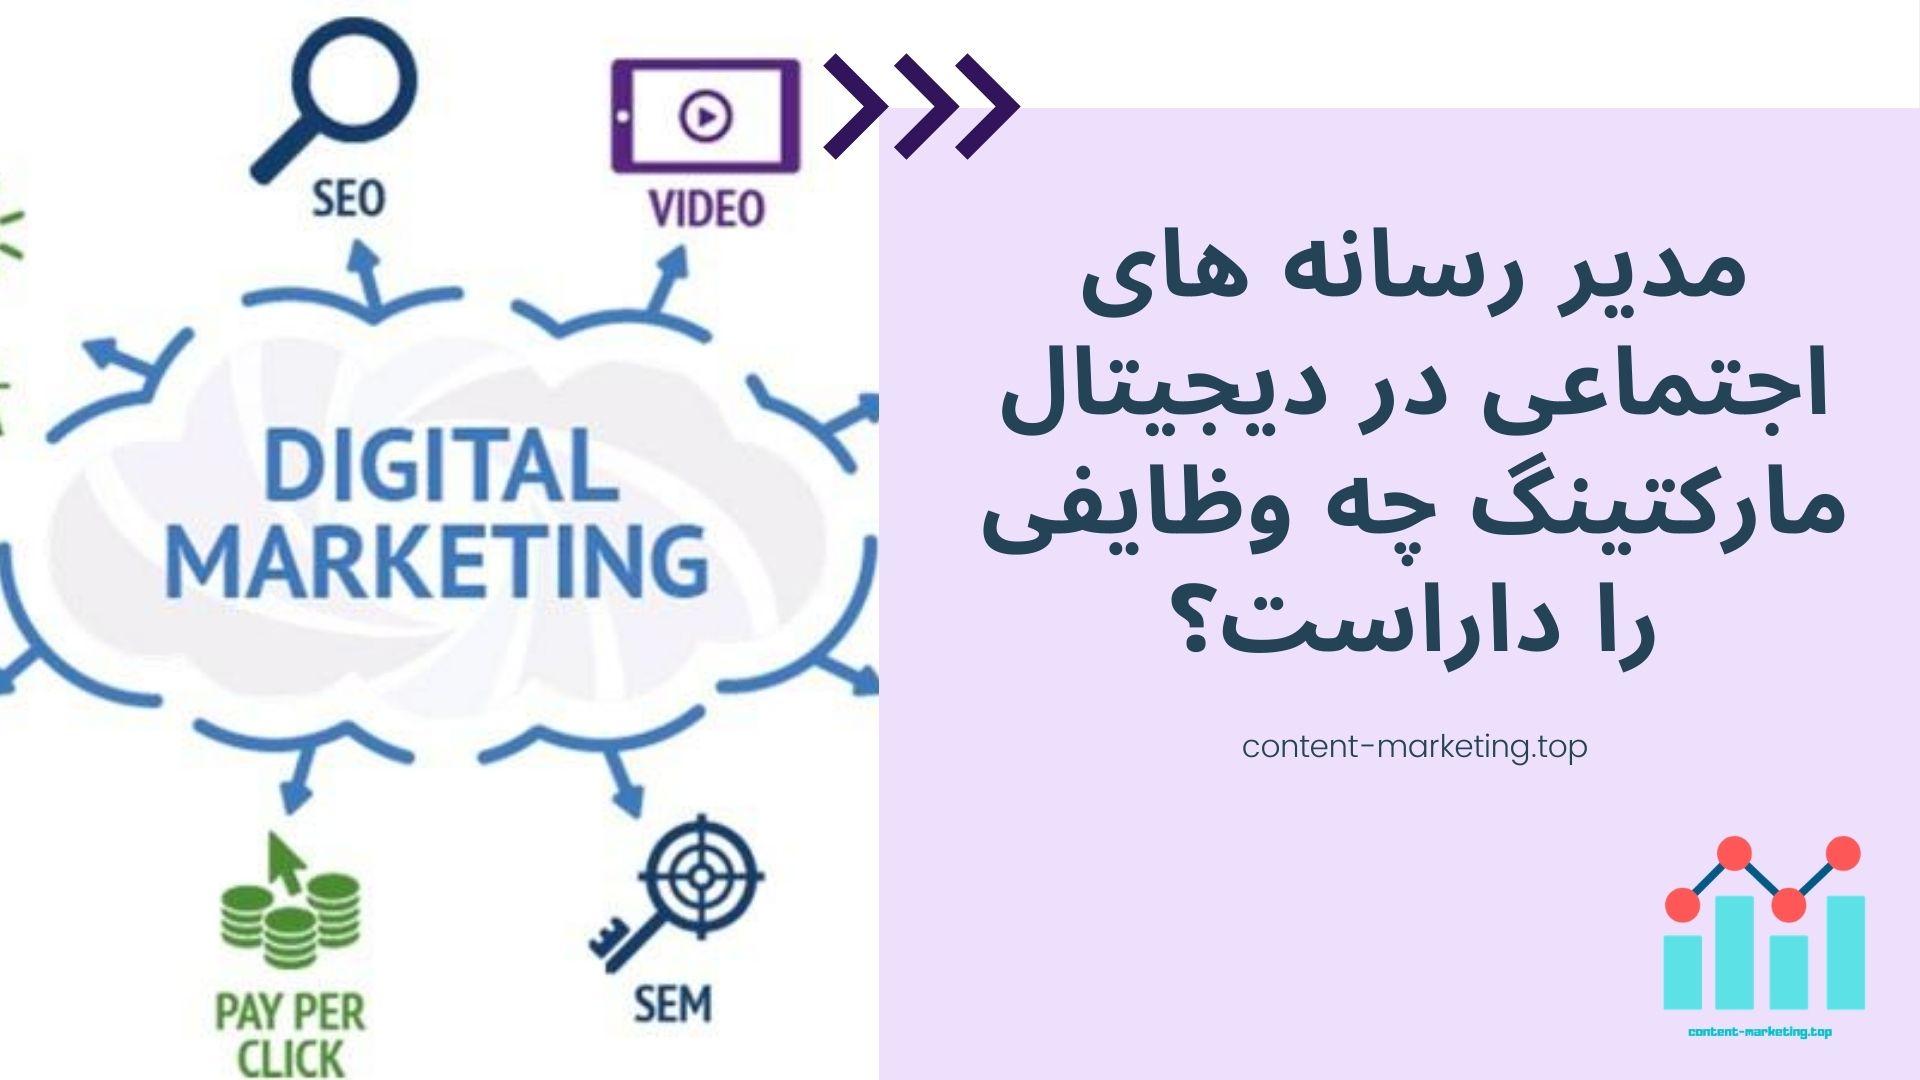 مدیر رسانه های اجتماعی در دیجیتال مارکتینگ چه وظایفی را داراست؟